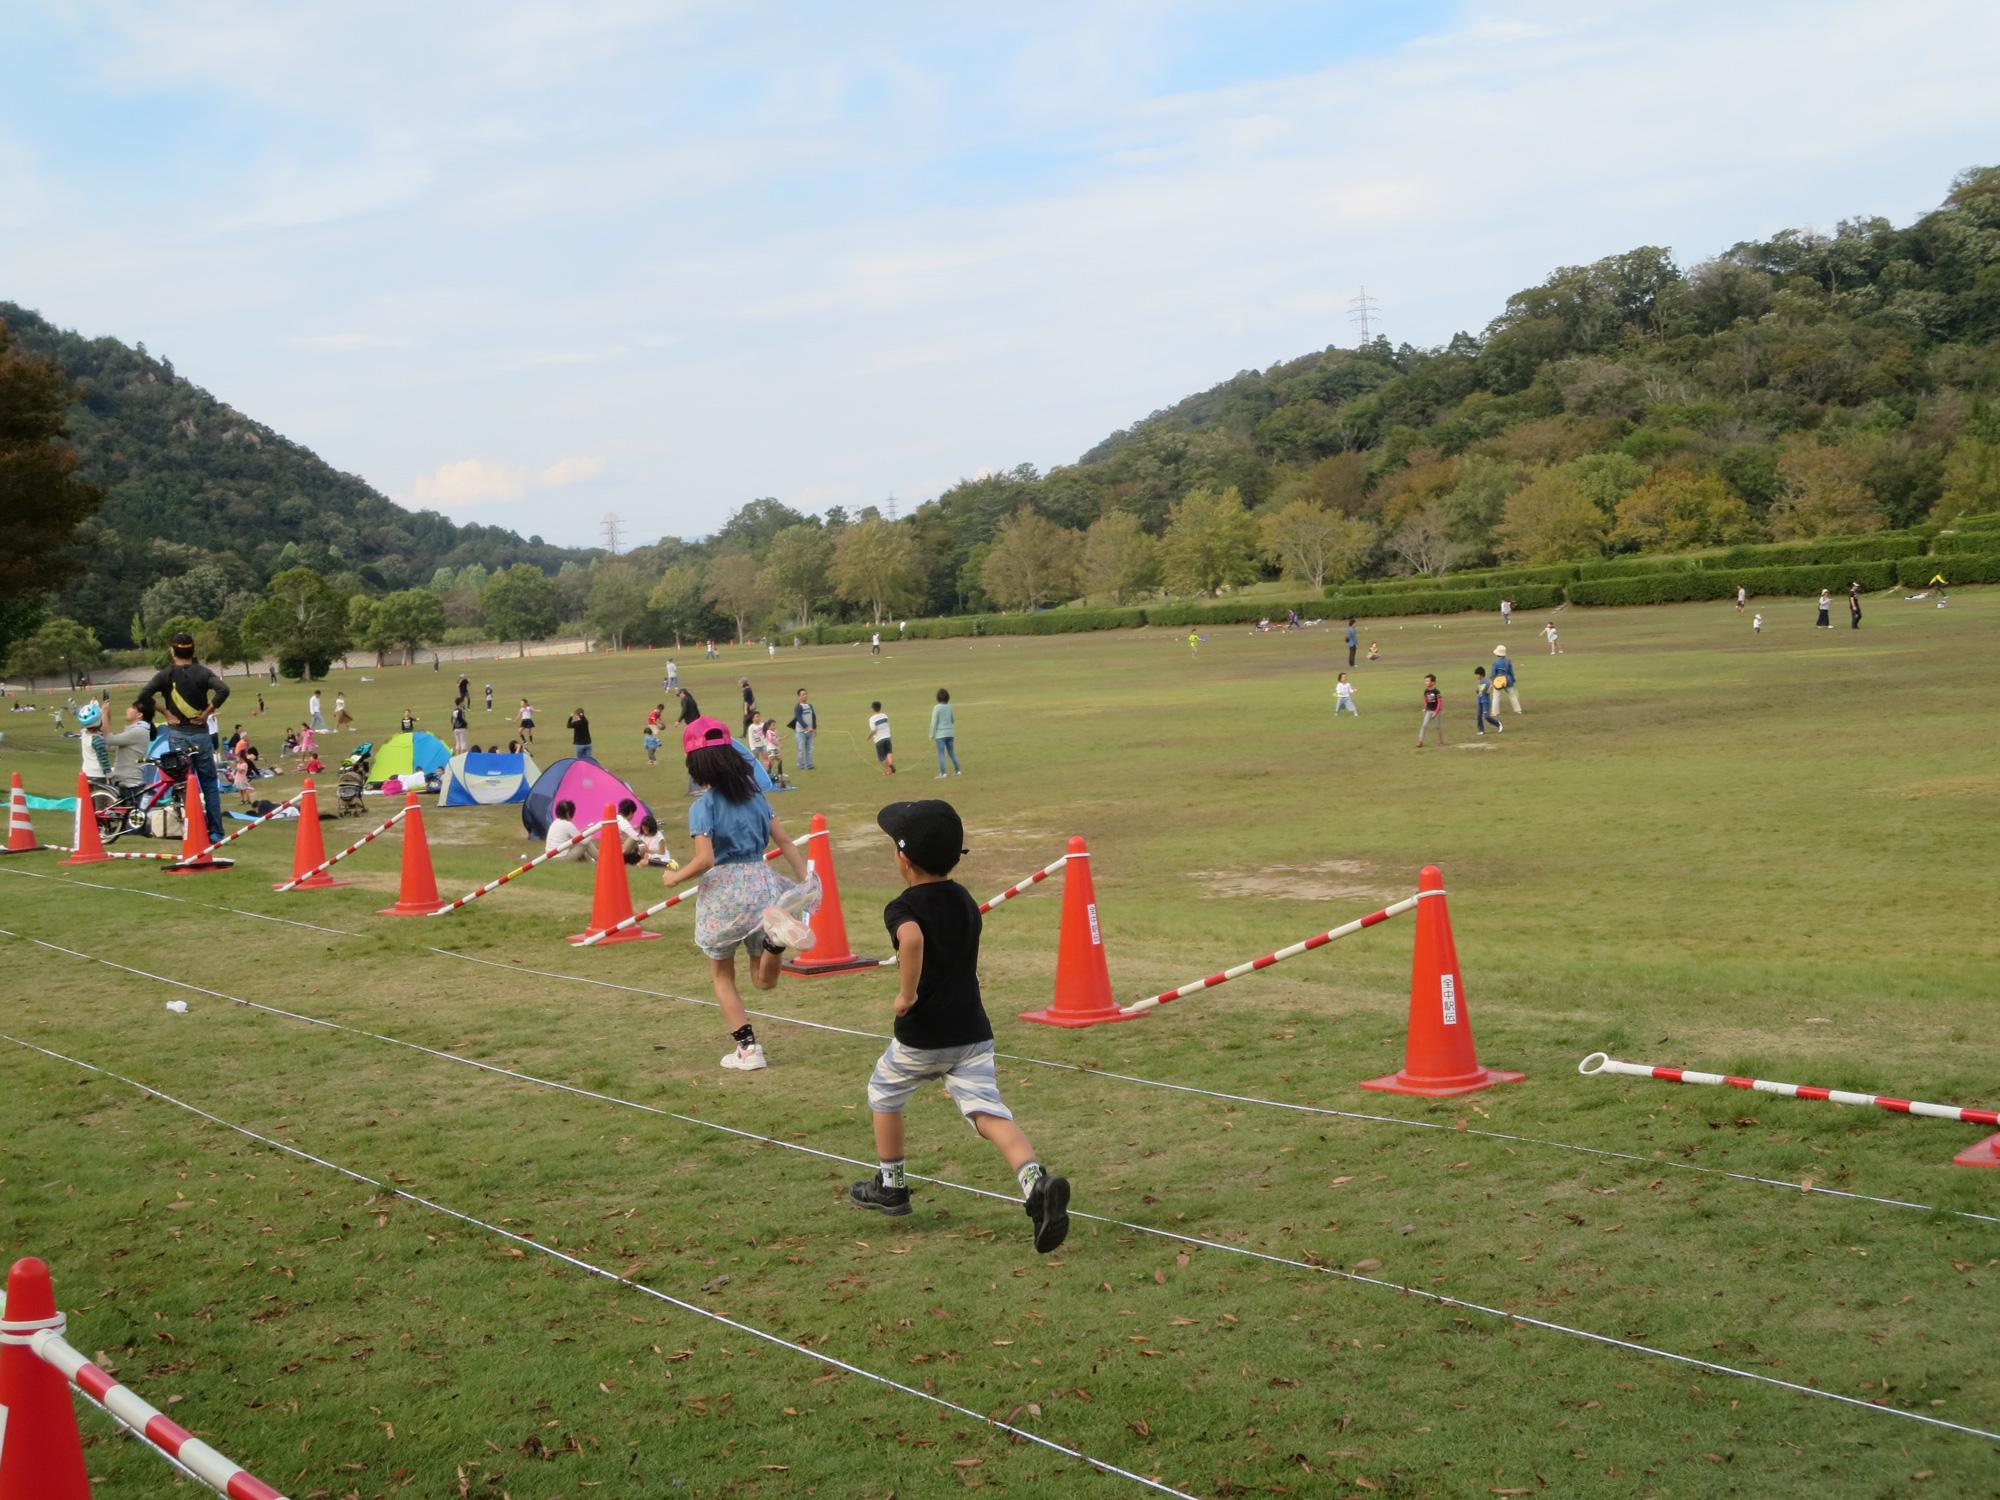 スポーツの秋は、希望が丘で体を動かそう